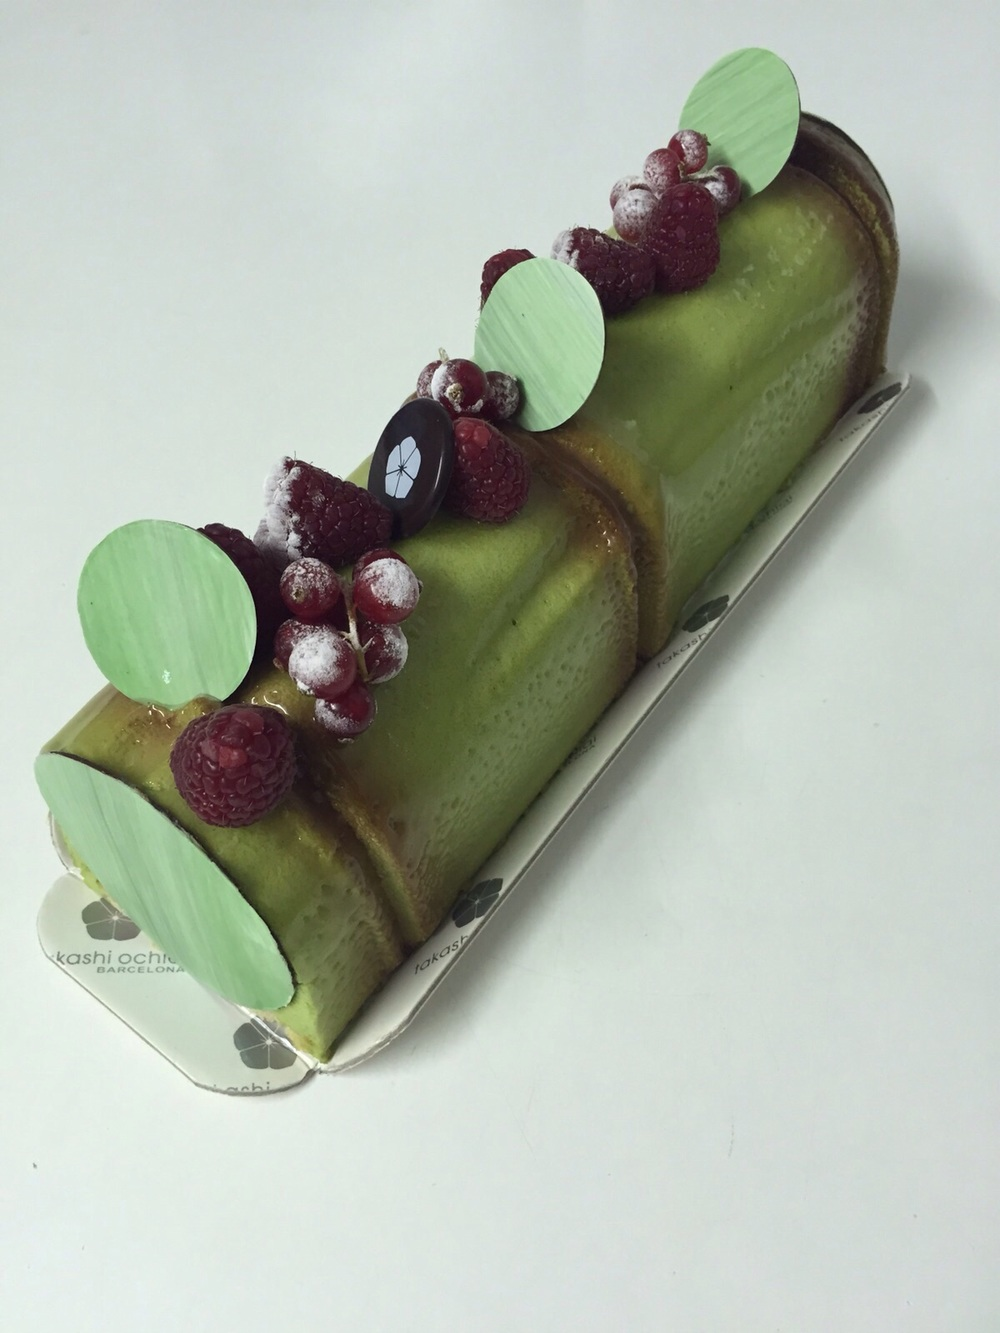 Mousse de xocolata blanca i te verd, coulis de gerds, mousse de xocolata Manjari 64%i pa de pessic de massapà.